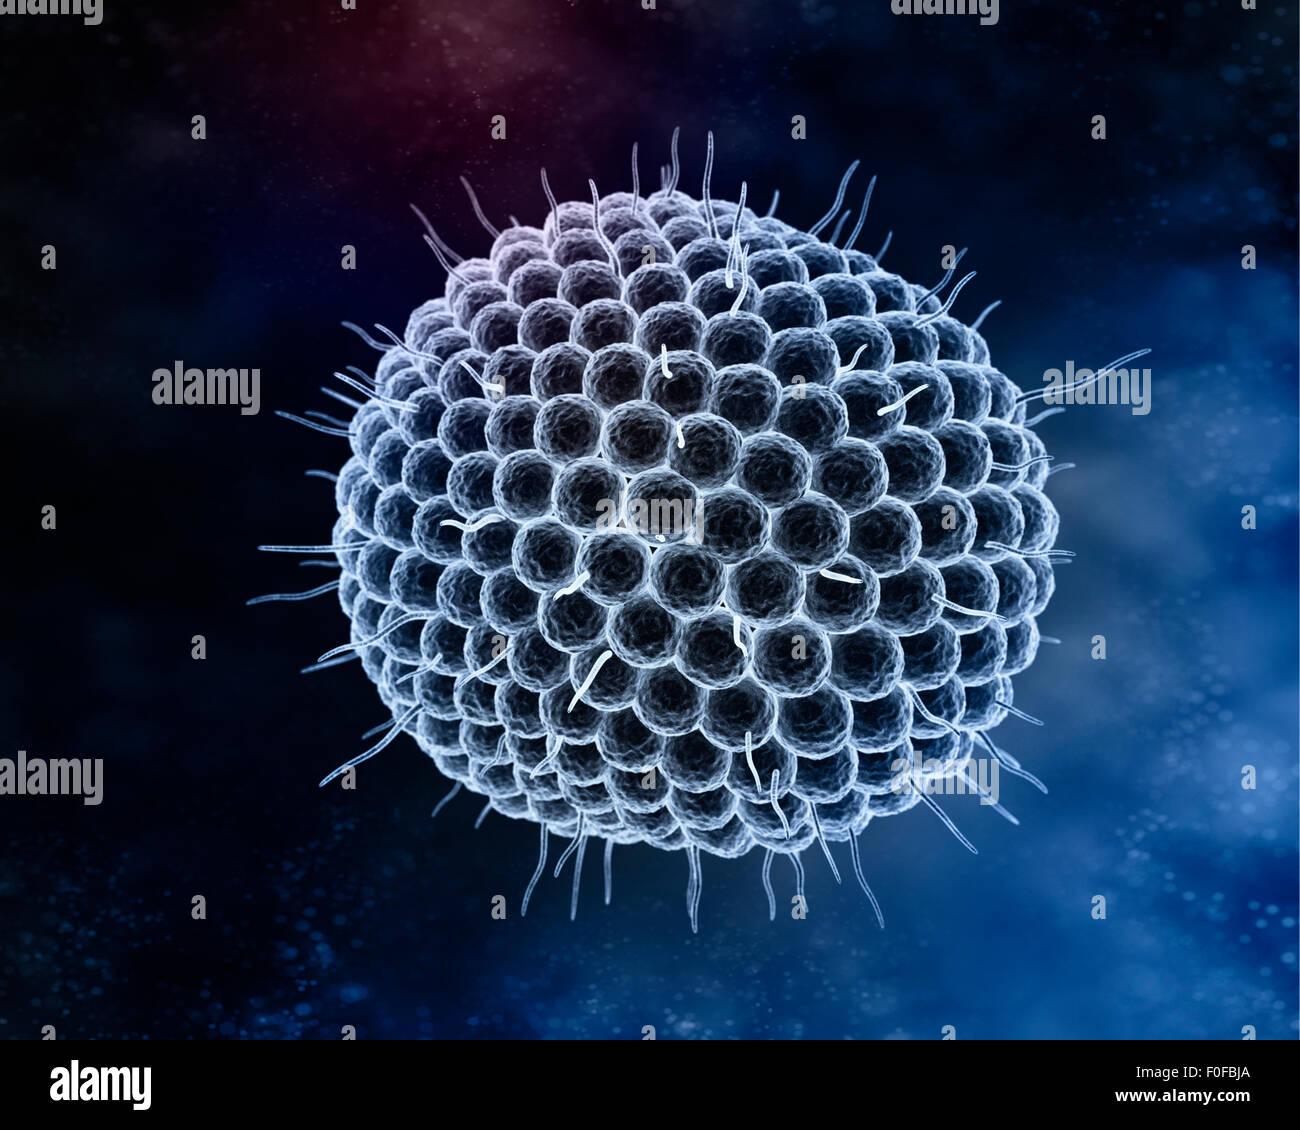 Varizella-Zoster-Virus oder Varicella - Zoster-Virus (VZV) ist eine der acht Herpesviren infizieren Menschen und Stockbild